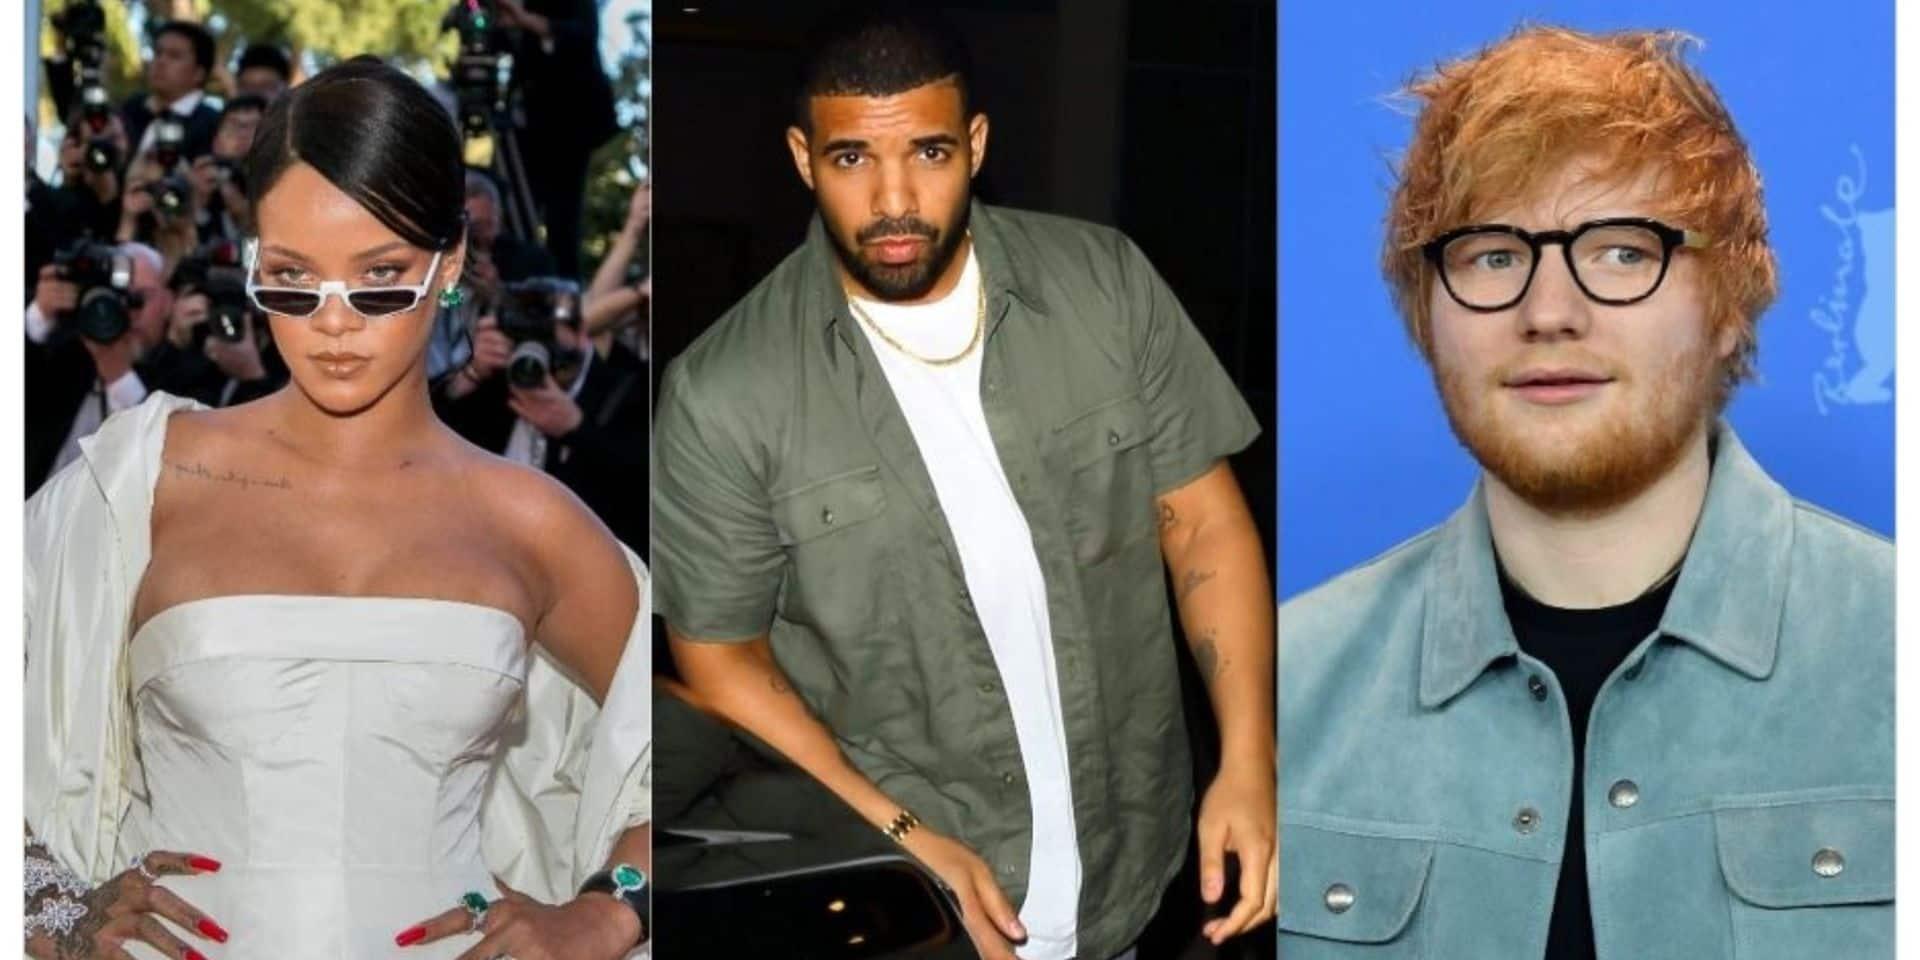 Les 100 chansons les plus populaires de la décennie selon Billboard